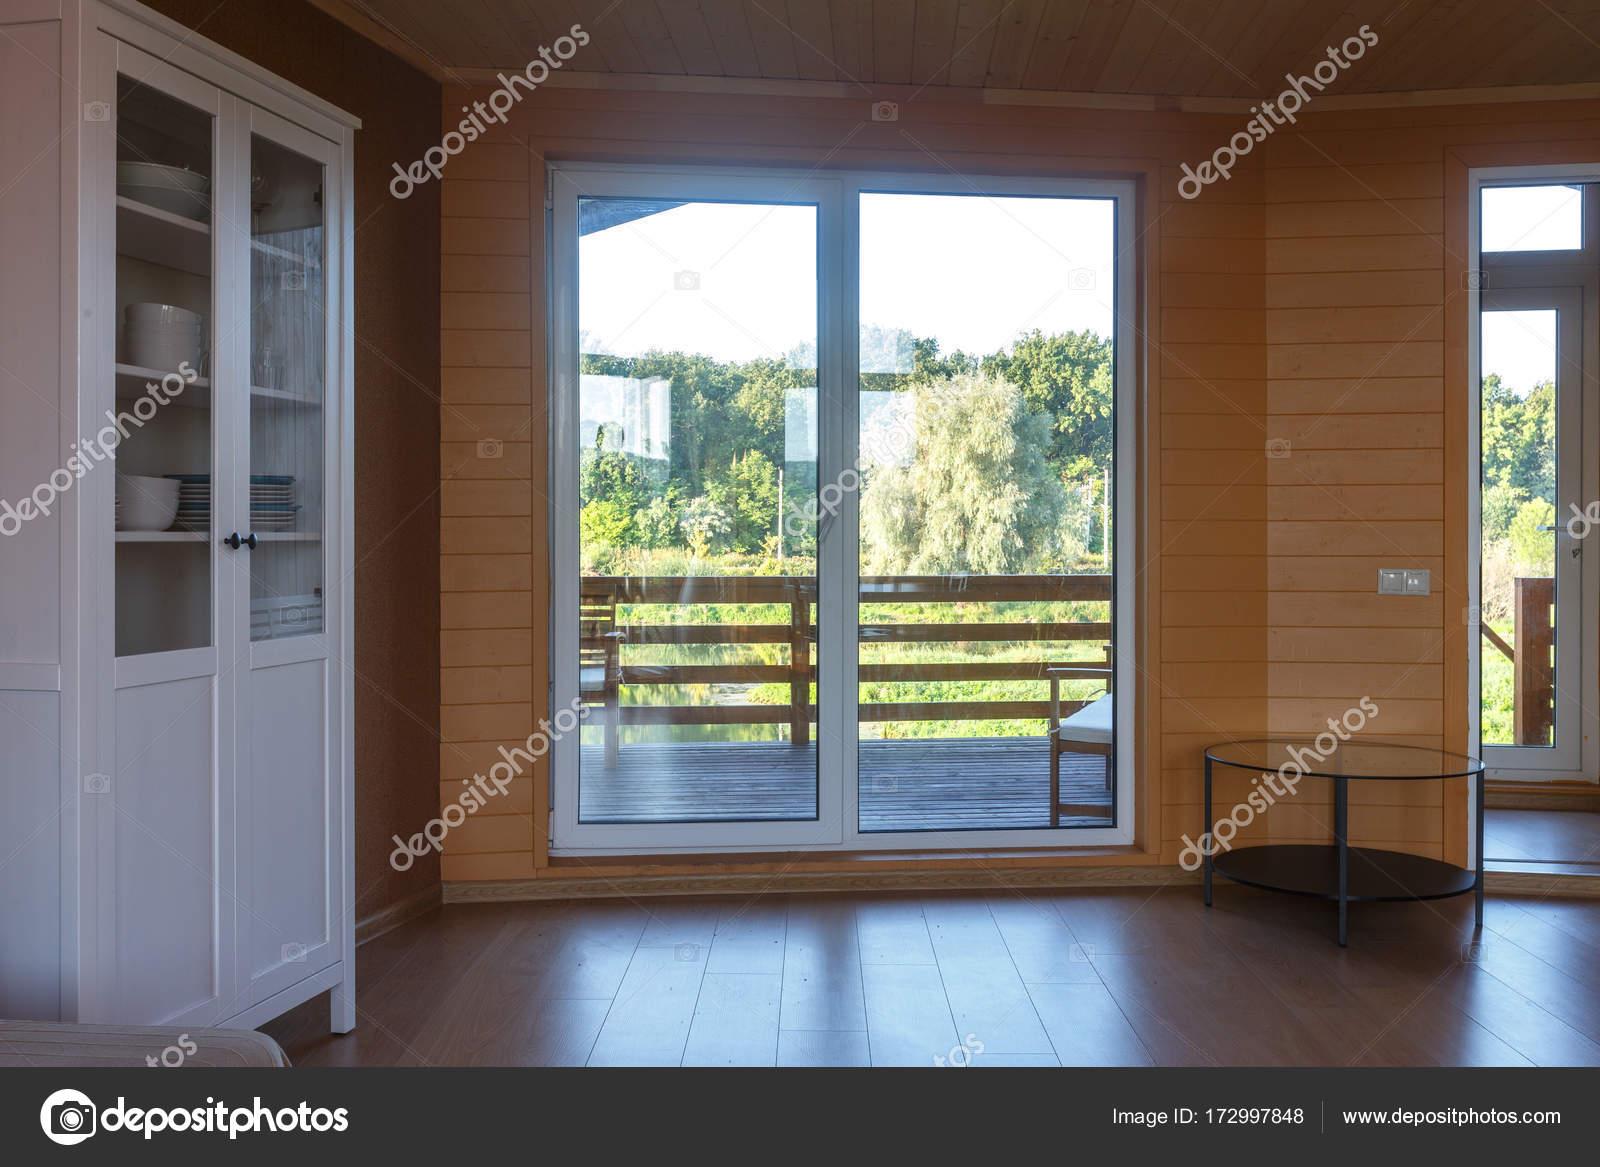 eigentijds interieur van woonkamer in natuurlijke kleuren met daglicht stockfoto